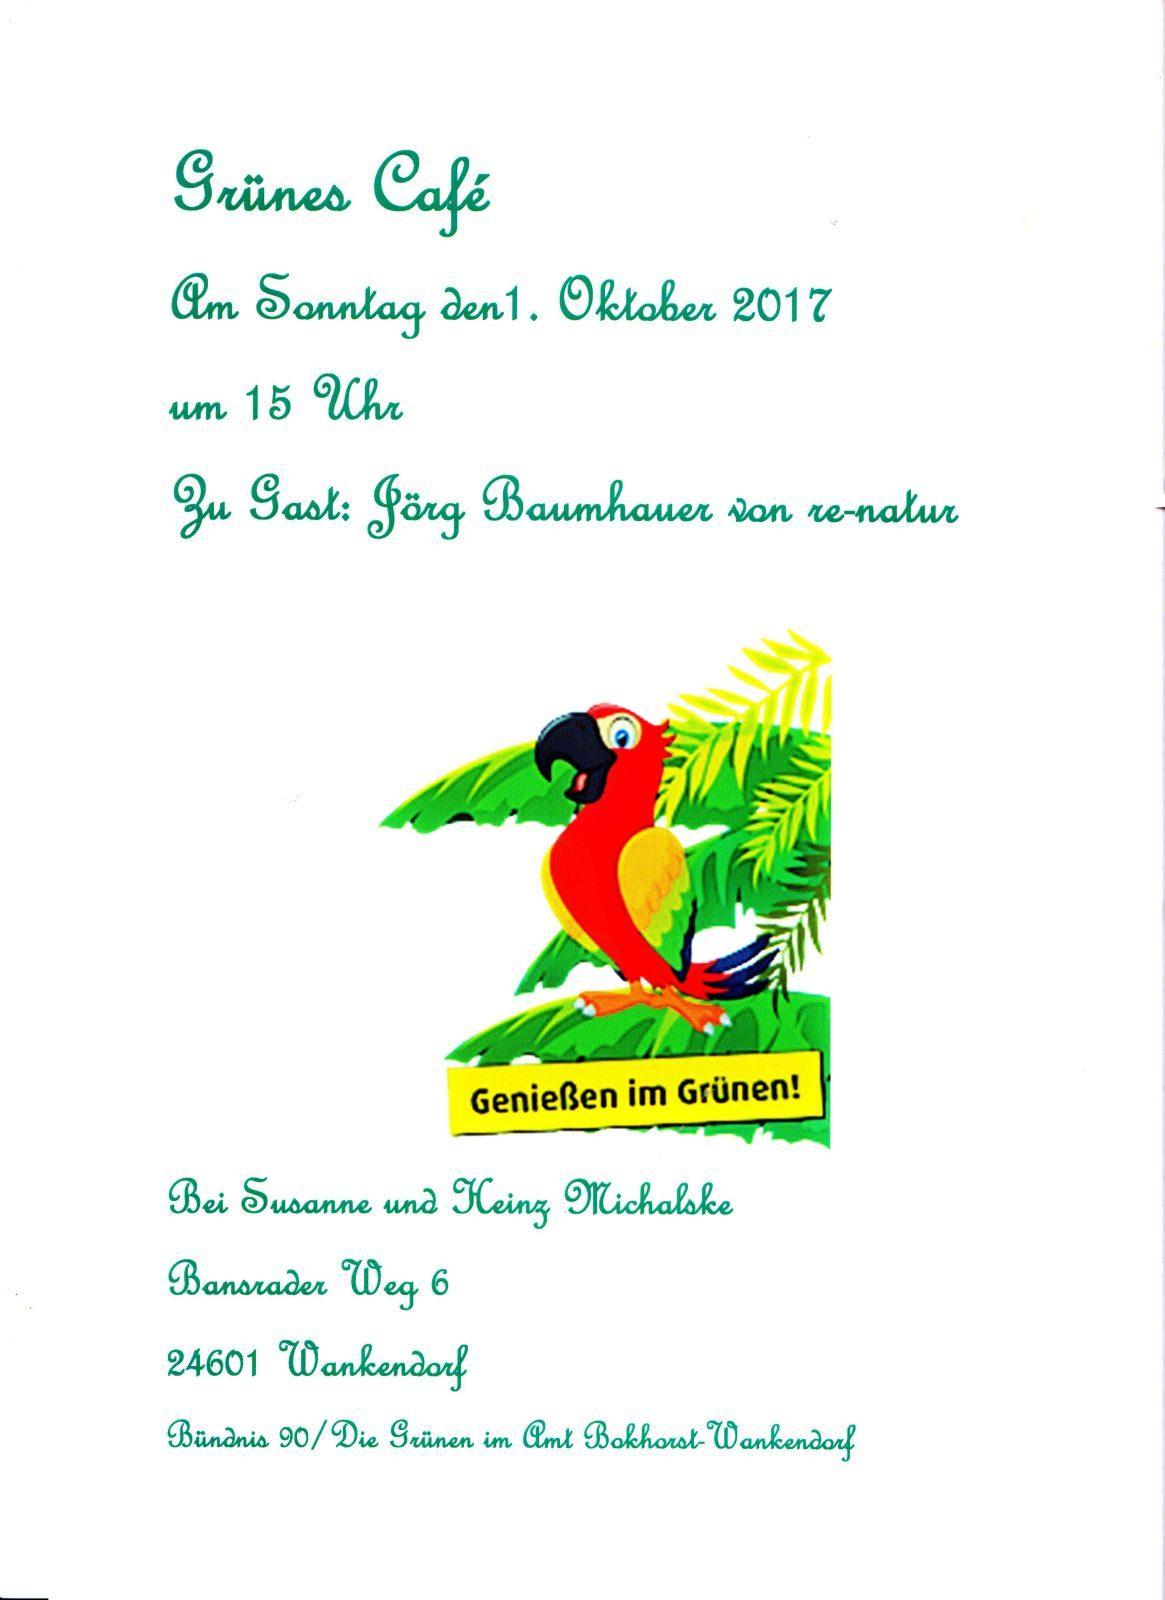 einladung zum grünen café   amt bokhorst-wankendorf, Einladung